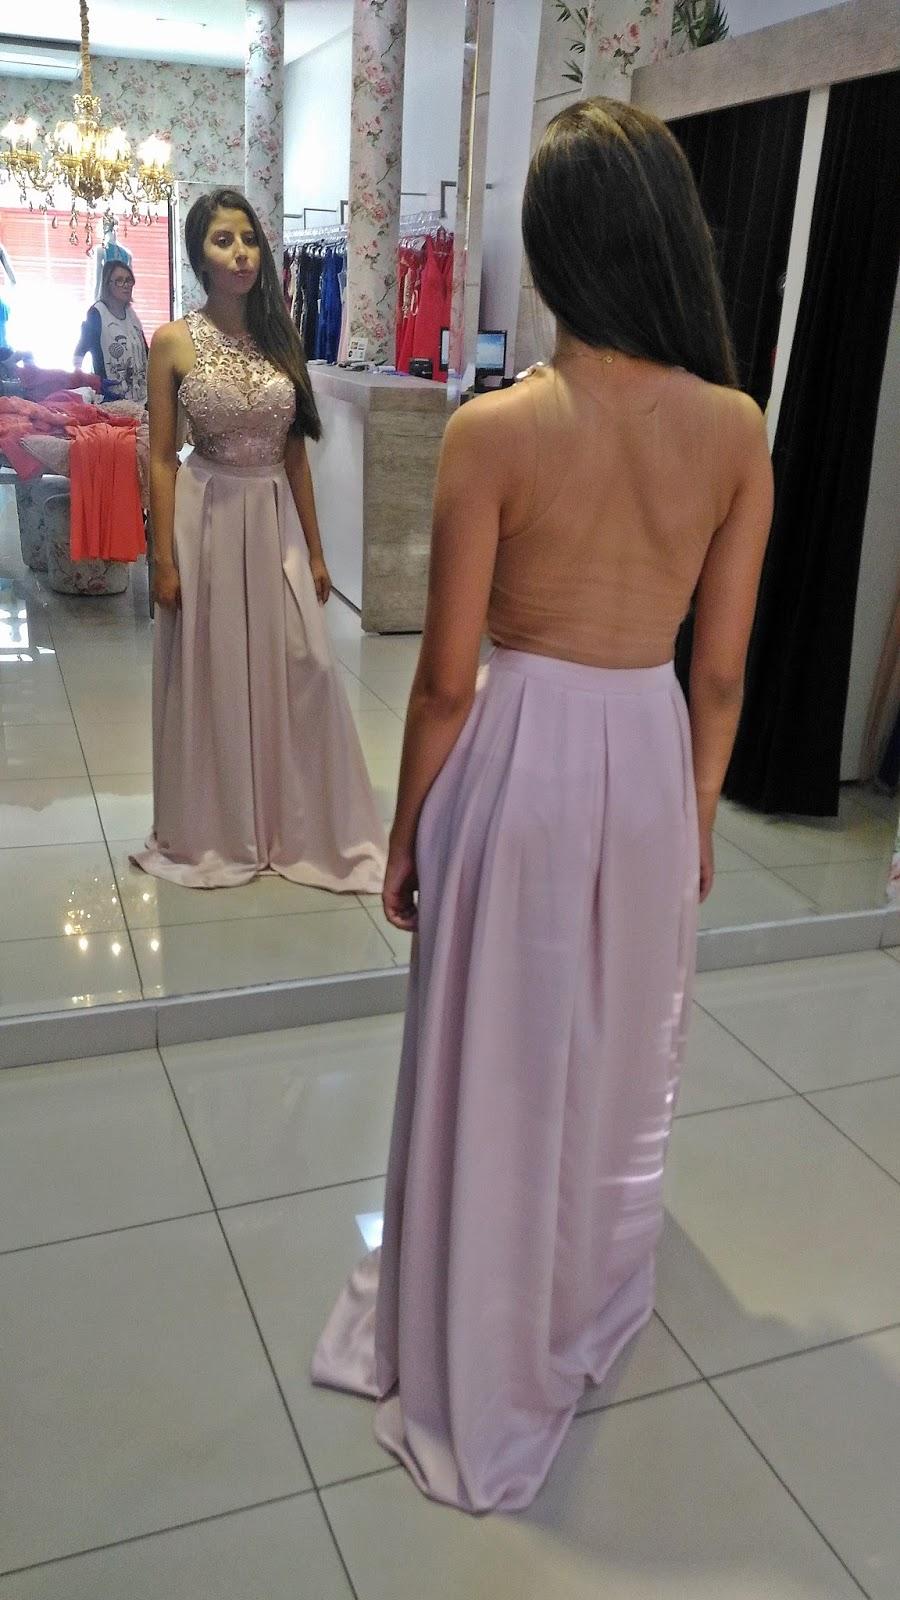 100a33770 Vitrine da Jeo  Vestidos de festa para comprar em Goiânia - Campinas ...